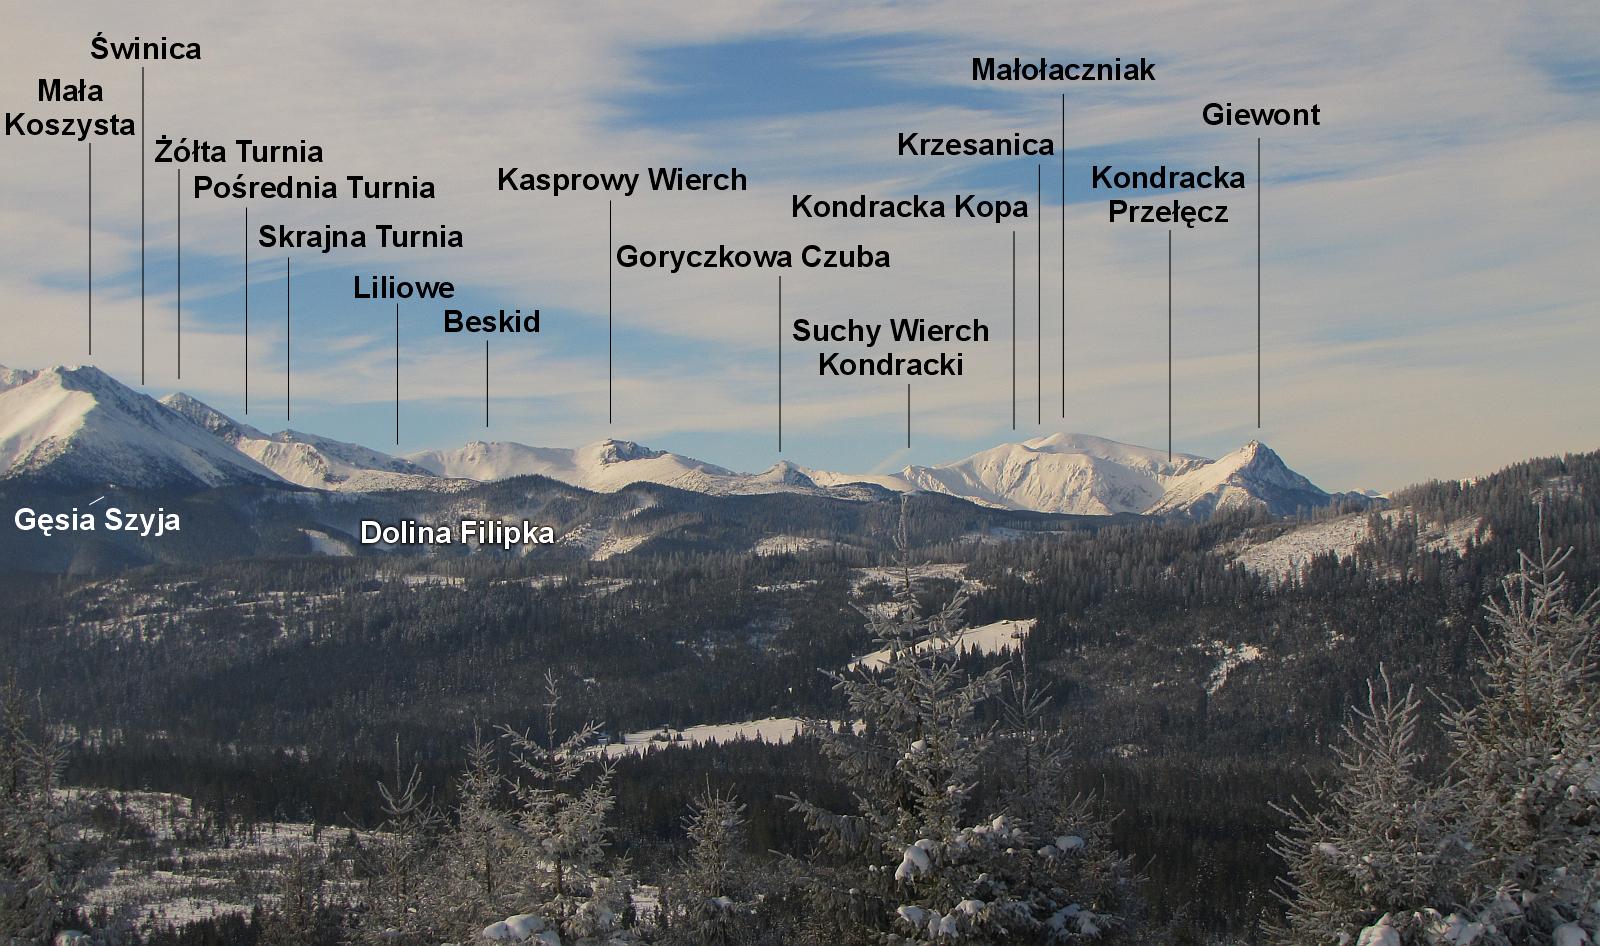 Masyw Koszystej, Skrajna Turnia, Beskid, Kasprowy Wierch, Czerwone Wierchy, Giewont.